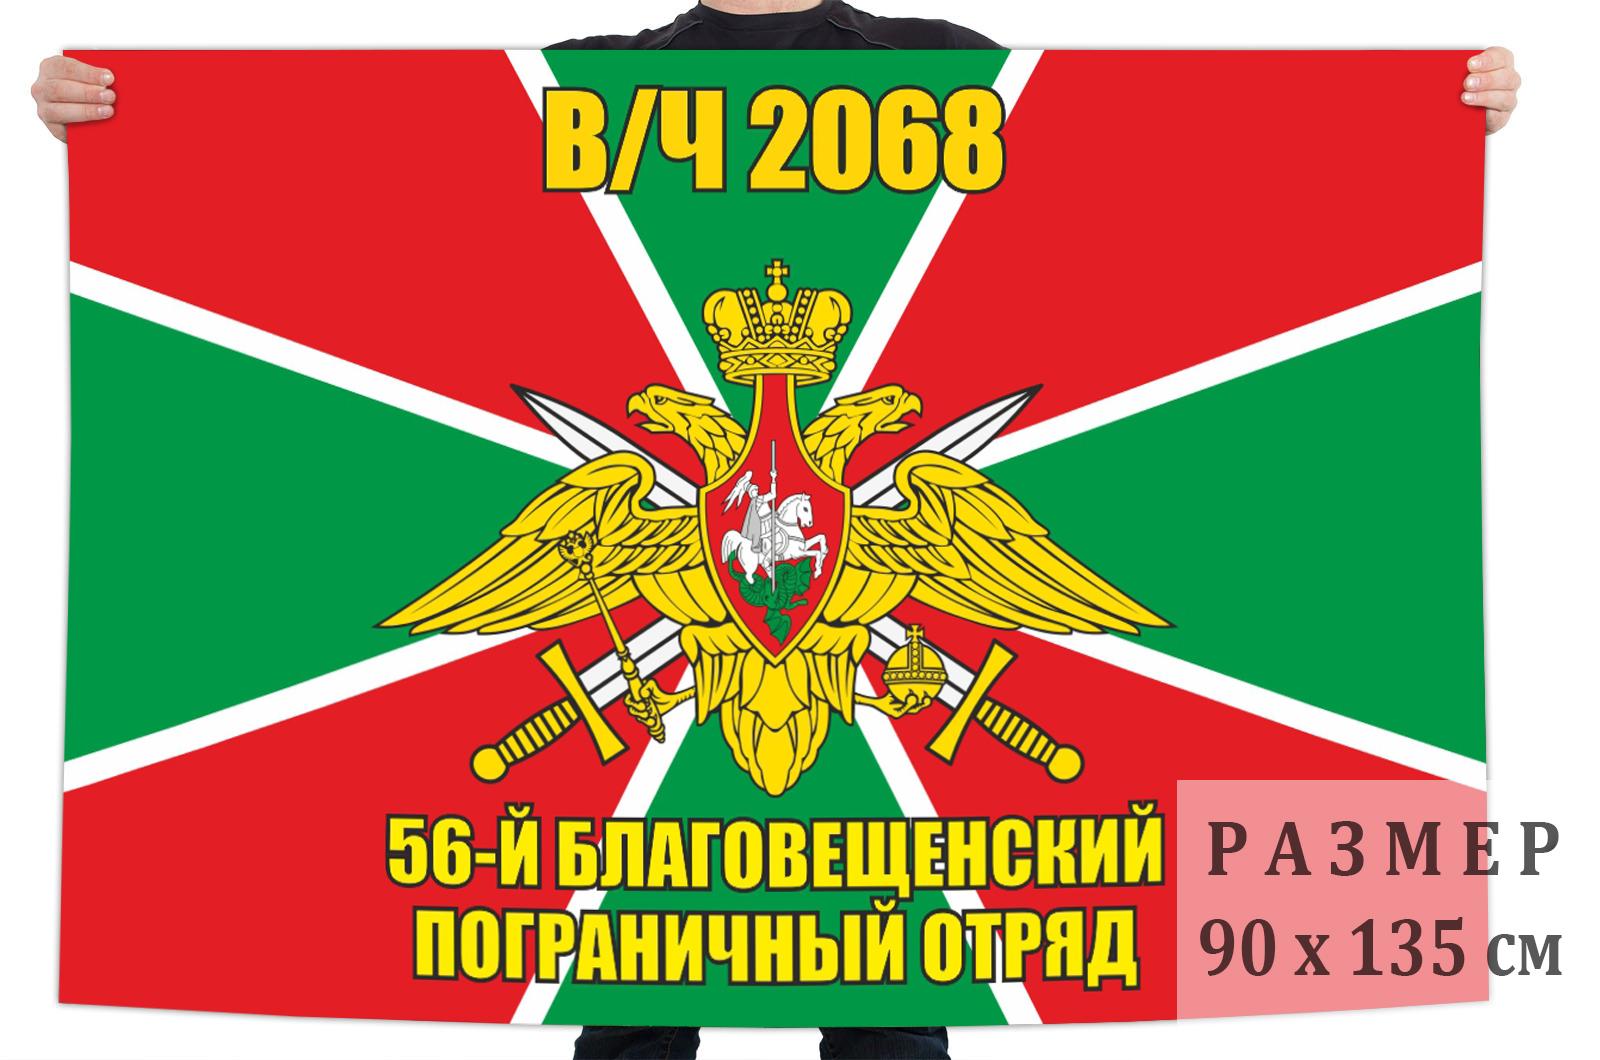 Флаг 56 Благовещенского пограничного отряда